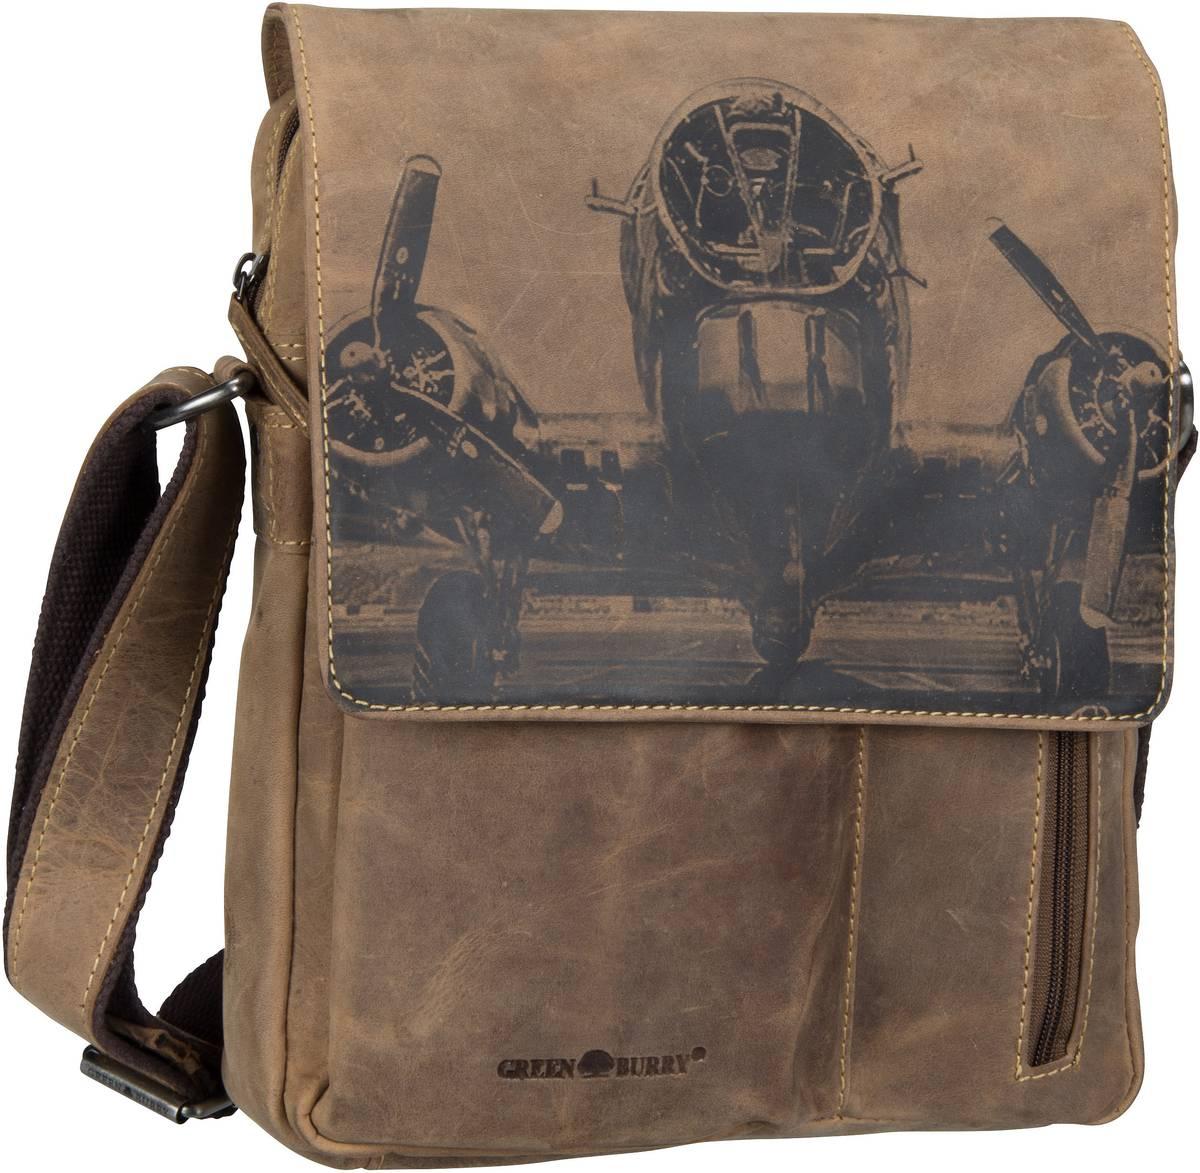 Umhängetasche Vintage 1639 Schultertasche RFID Brown